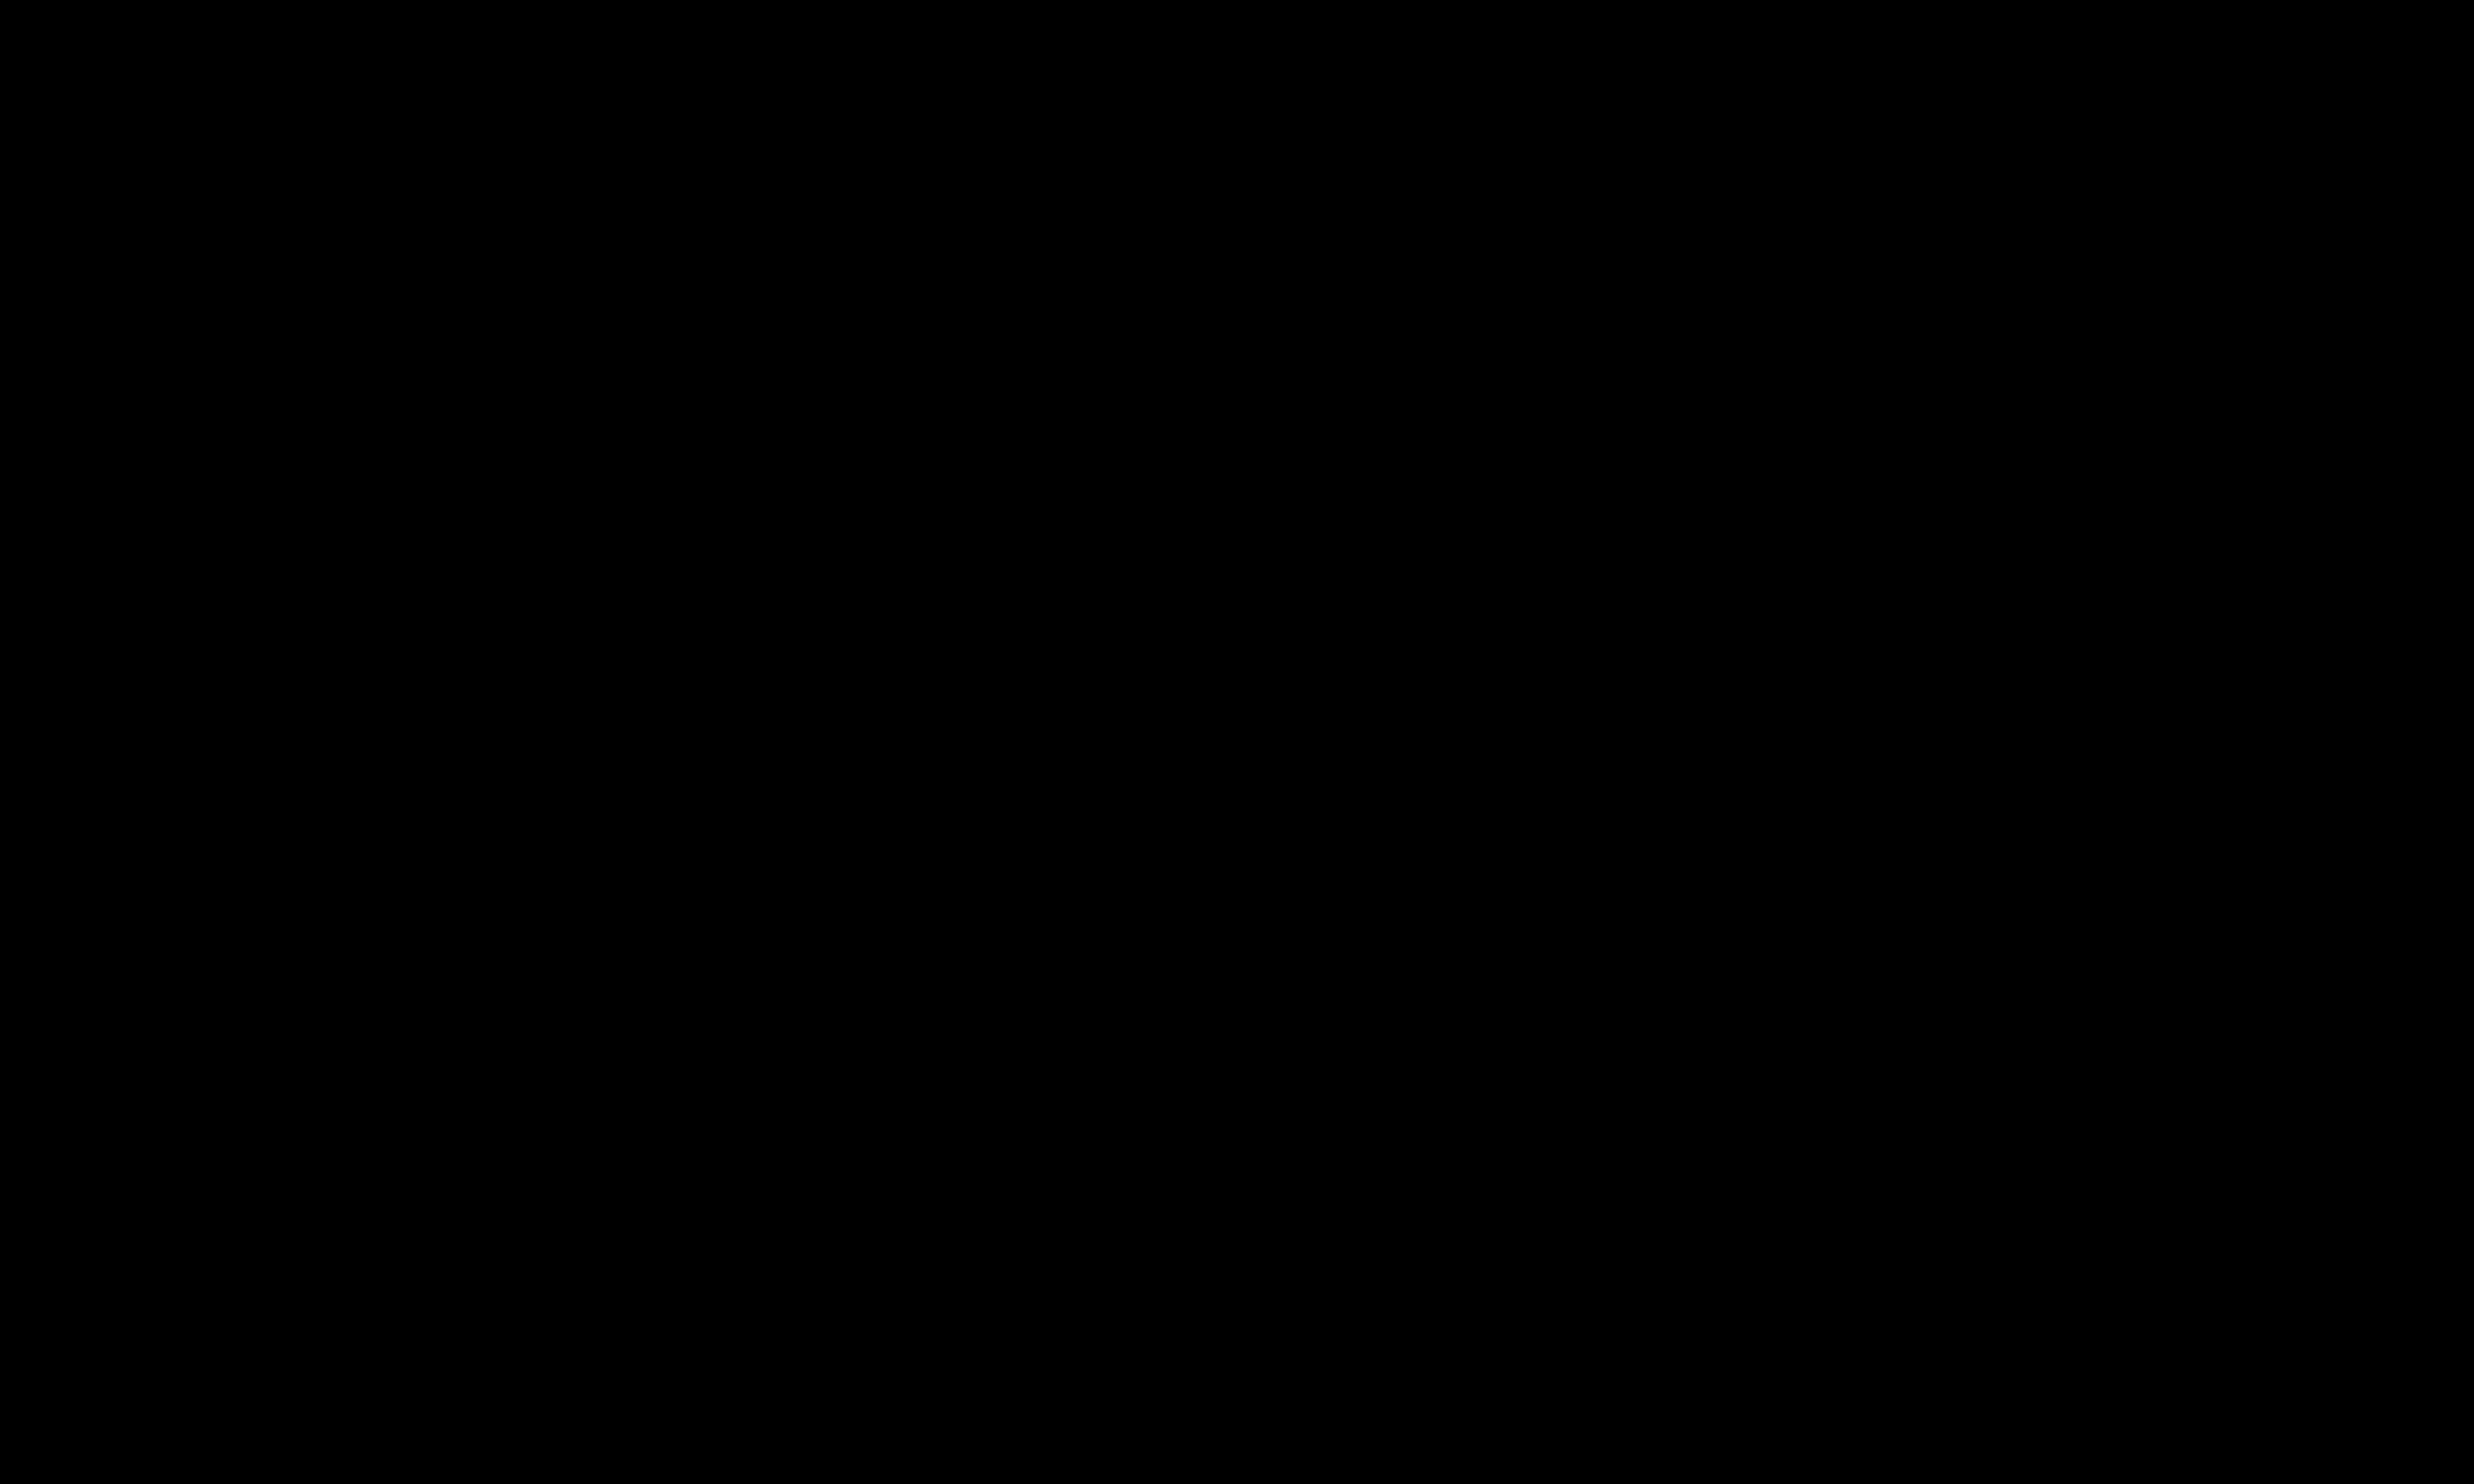 Keskiviikkoisin Amarillossa Burger Buffa klo 19-22.